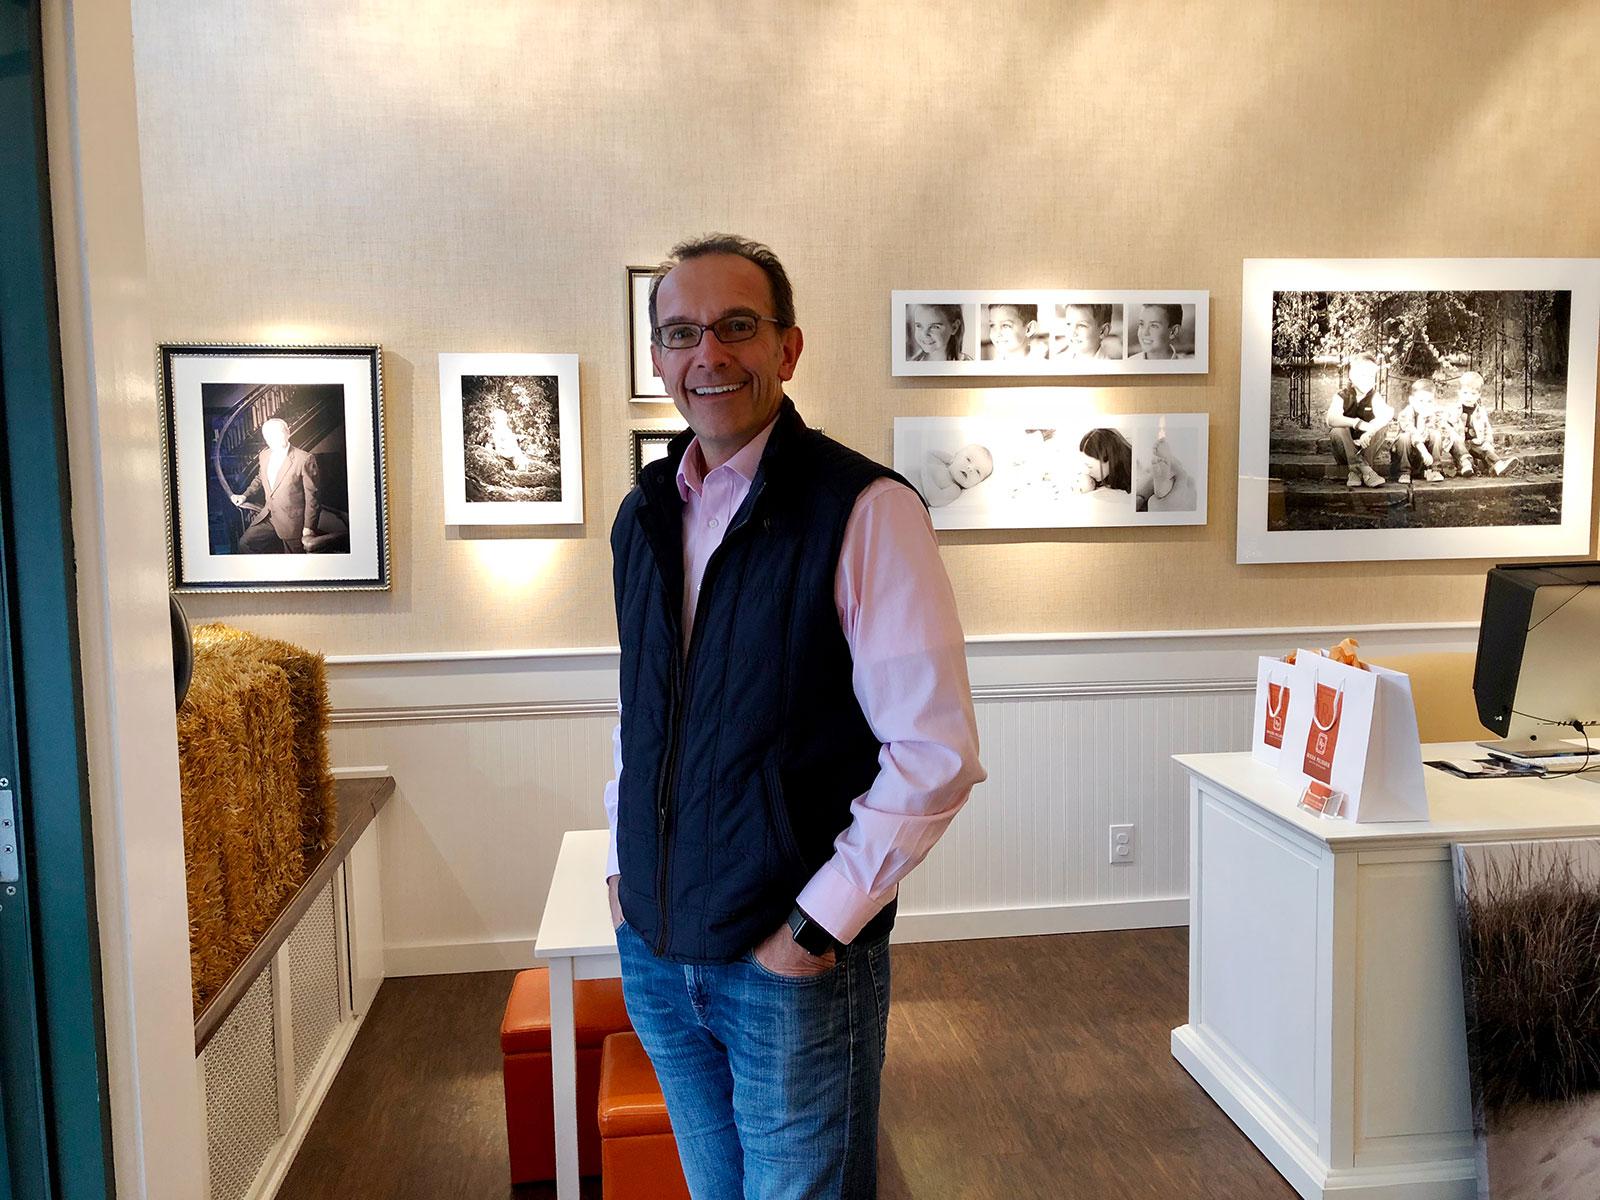 Roger Pelissier, portrait photographer in Wellesley